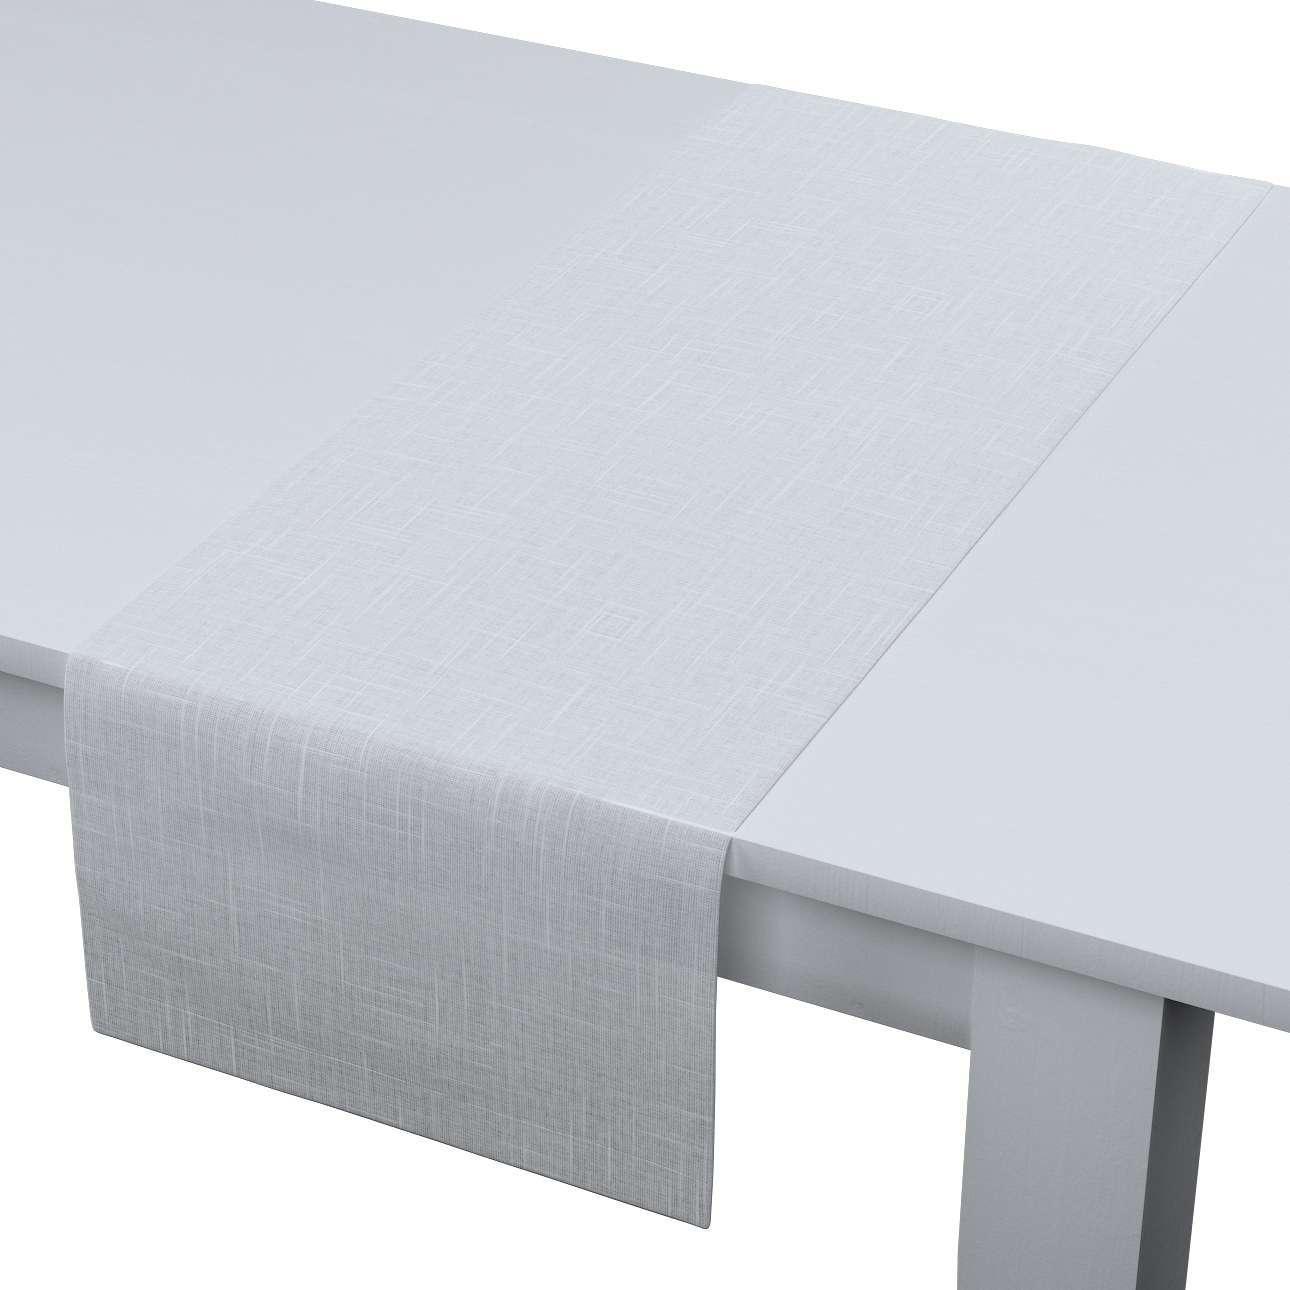 Bieżnik prostokątny 40x130 cm w kolekcji Romantica, tkanina: 128-77